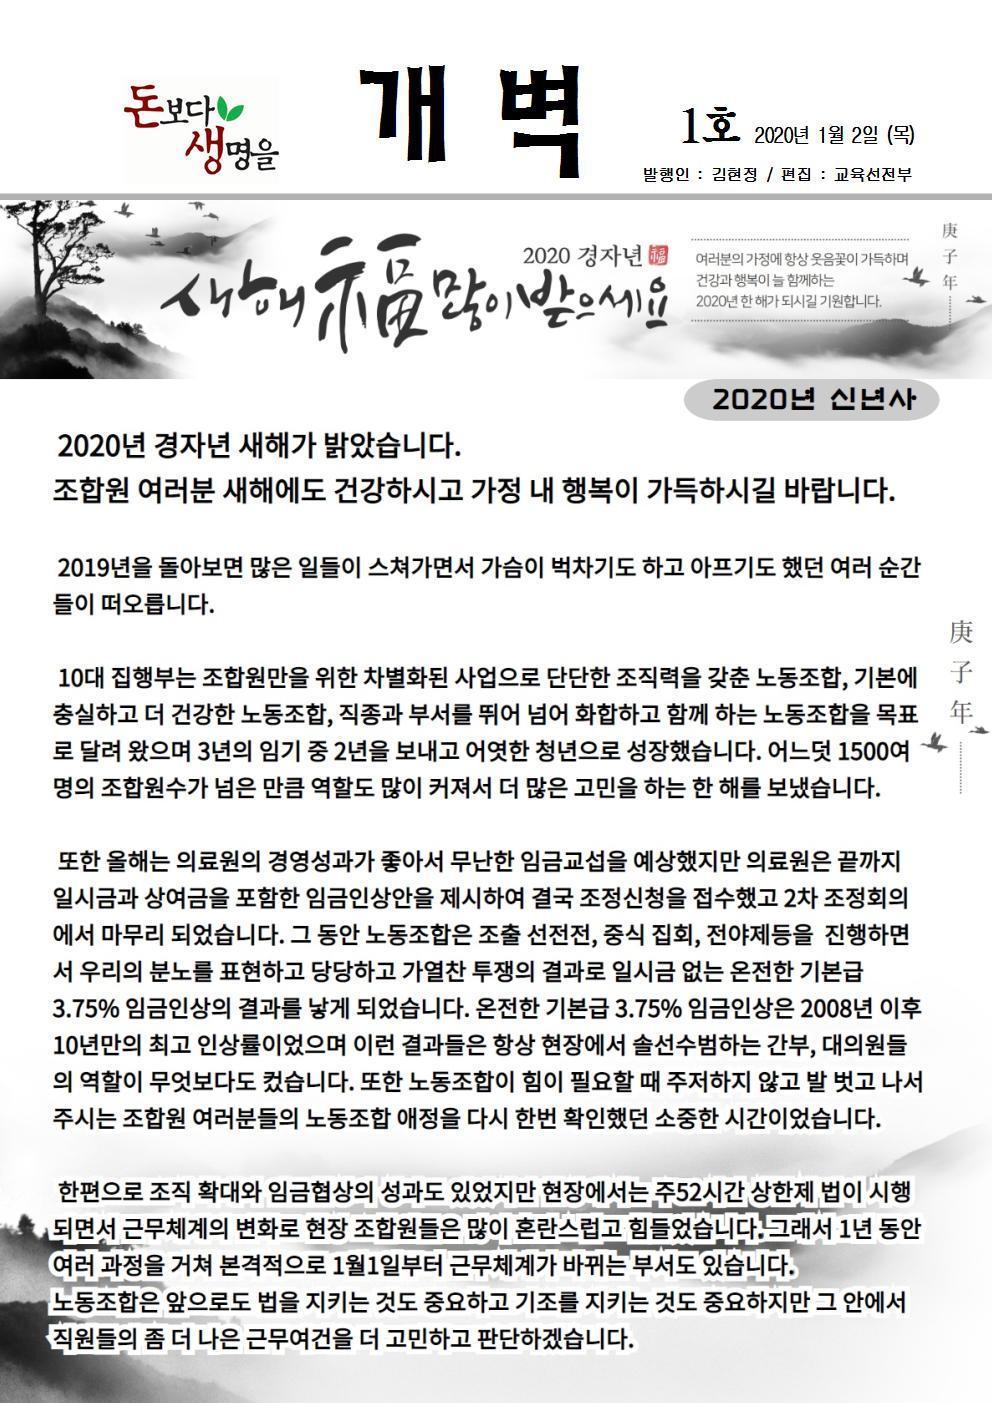 2020 개벽지1호(신년사-배경삽입1)001.jpg